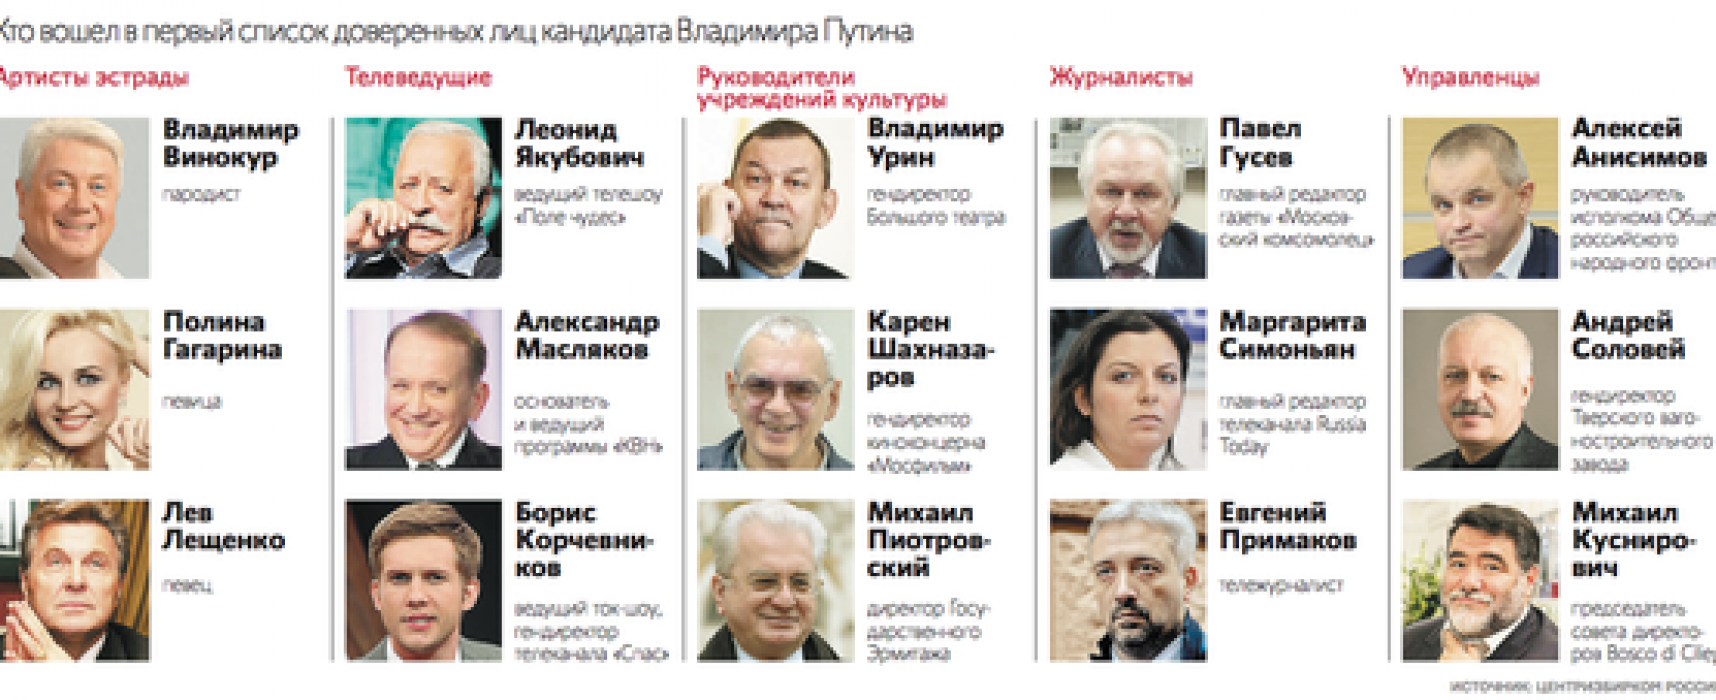 Игорь Яковенко: Манифест «культурного класса» против оппозиции